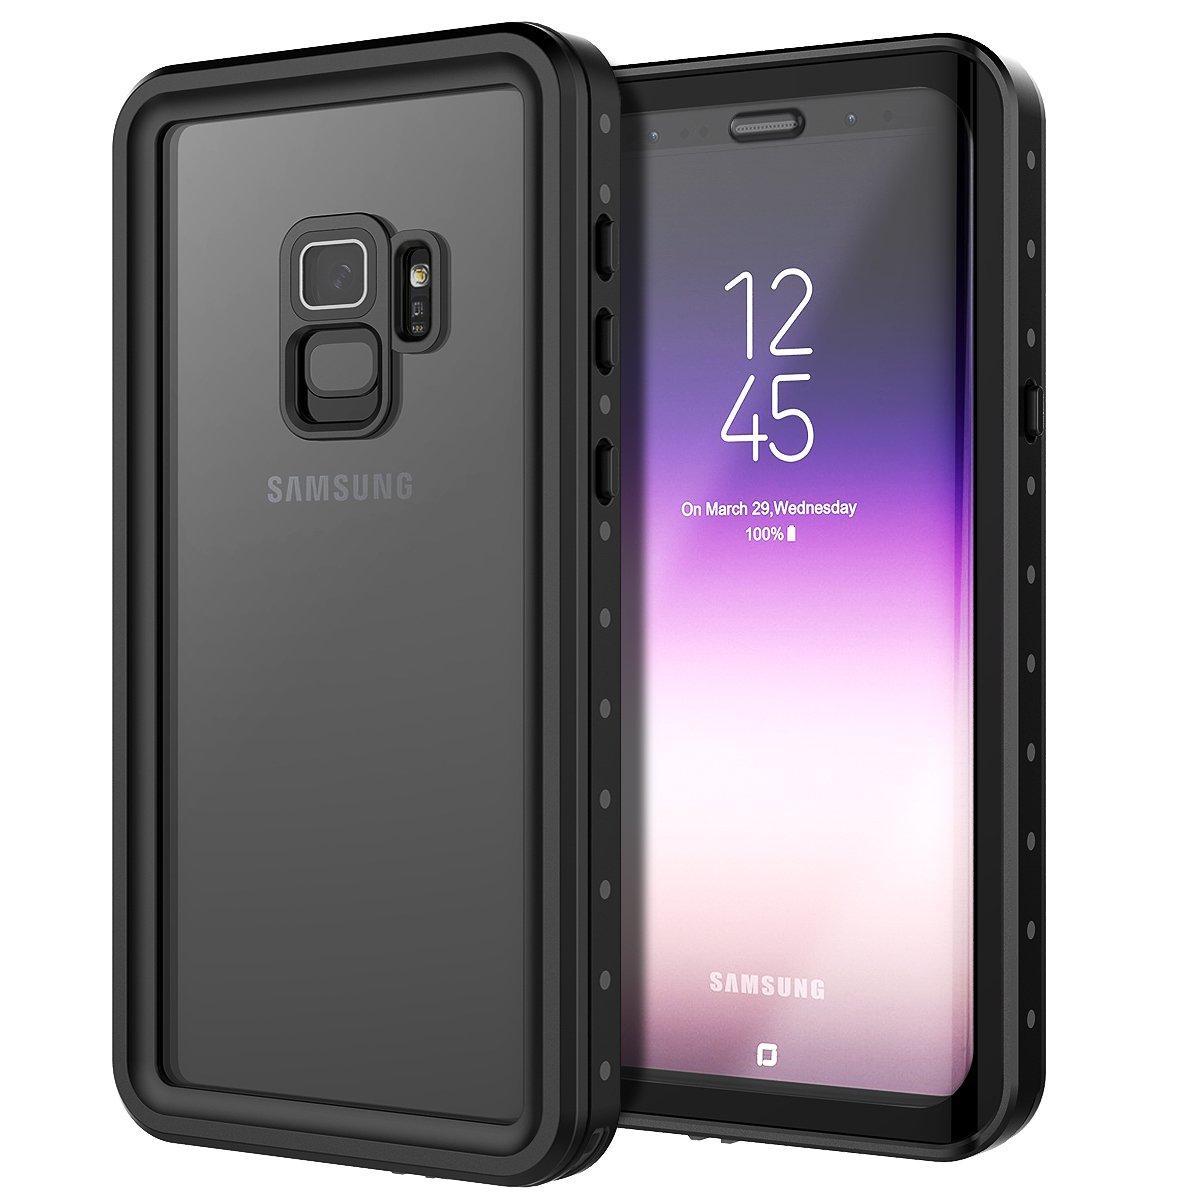 Galaxy S9 Custodia Impermeabile, IP68 Antiurto Waterproof Custodia Schermo Incorporato, Prova Caduta Robusta, Protezione Prova Polvere Case per attività Protezione Prova Polvere Case per attività adorehouse O341-HJ-262